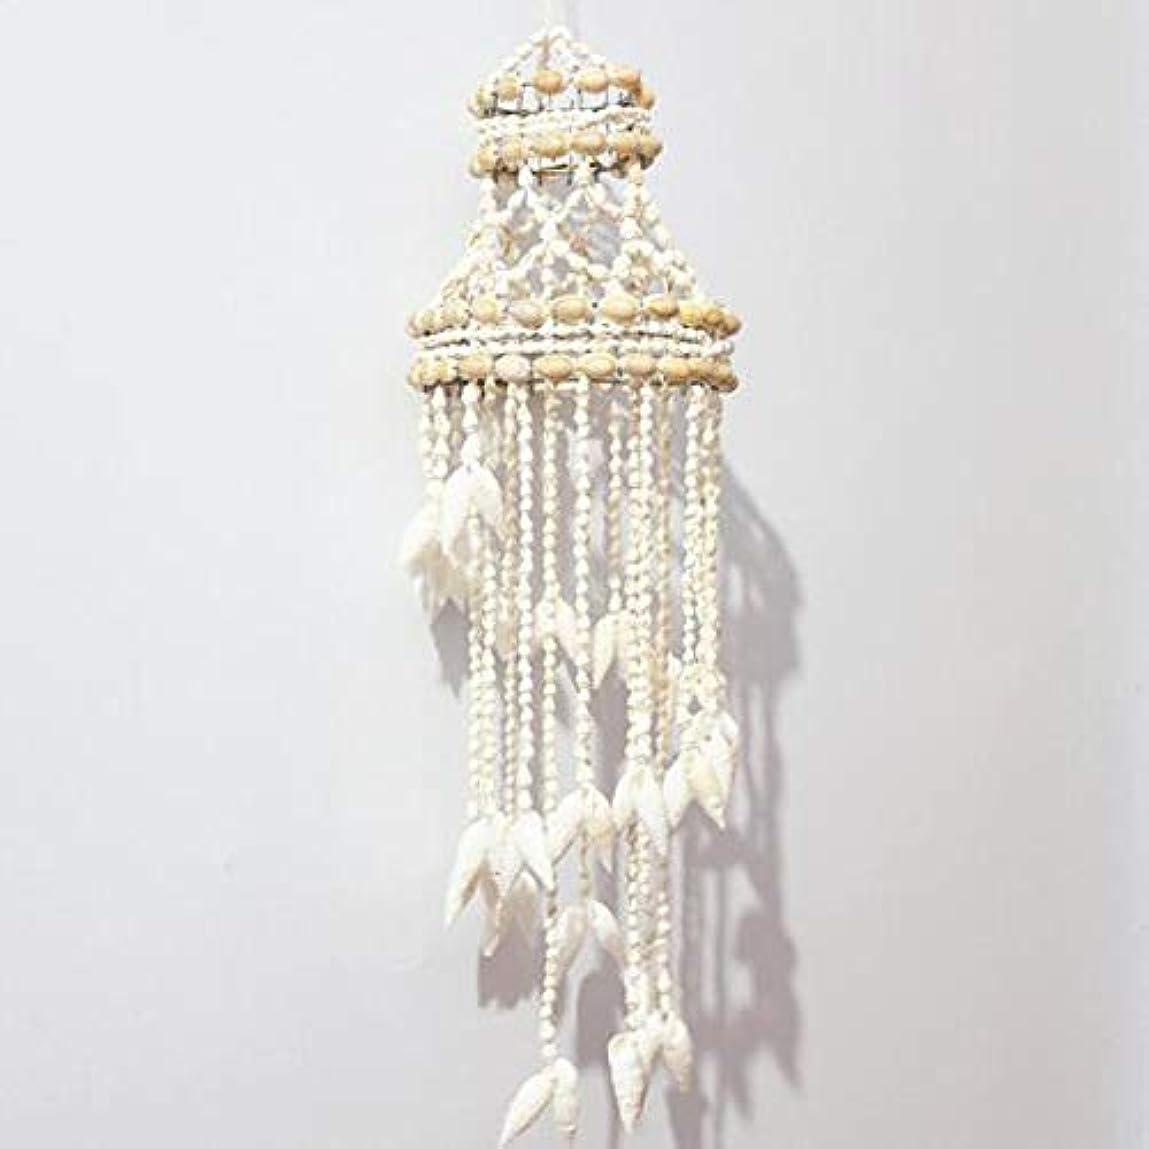 行う周辺政治家のJielongtongxun 風チャイム、ナチュラル手作りシェル風の鐘、ホワイト、約長さ50cm,絶妙な飾り (Color : B)